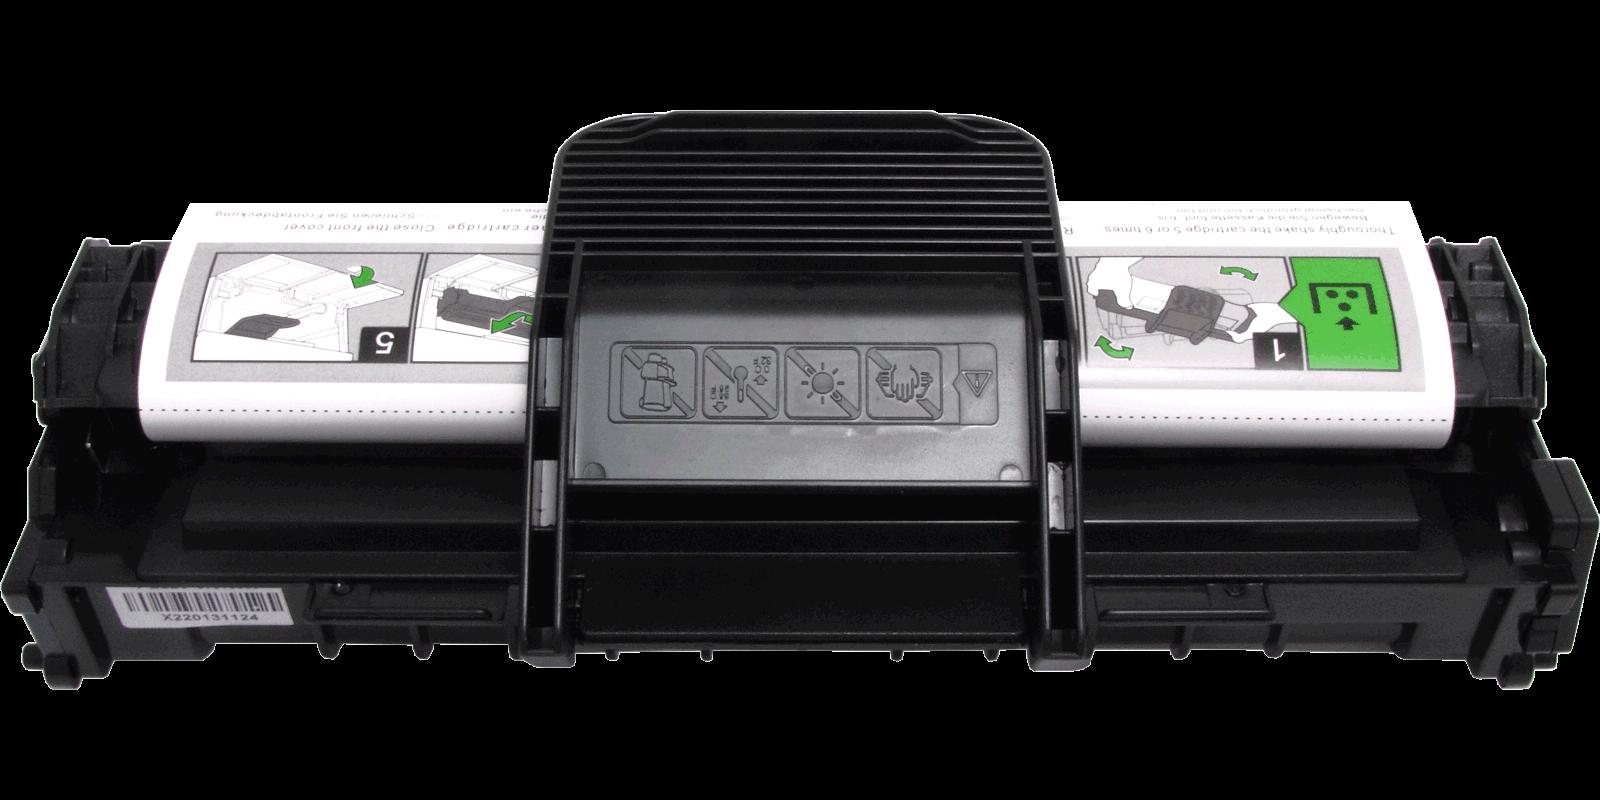 ЦРМ PE220 (013R00621)/ML-2010, черный, для Xerox/Samsung, до 3000 стр.